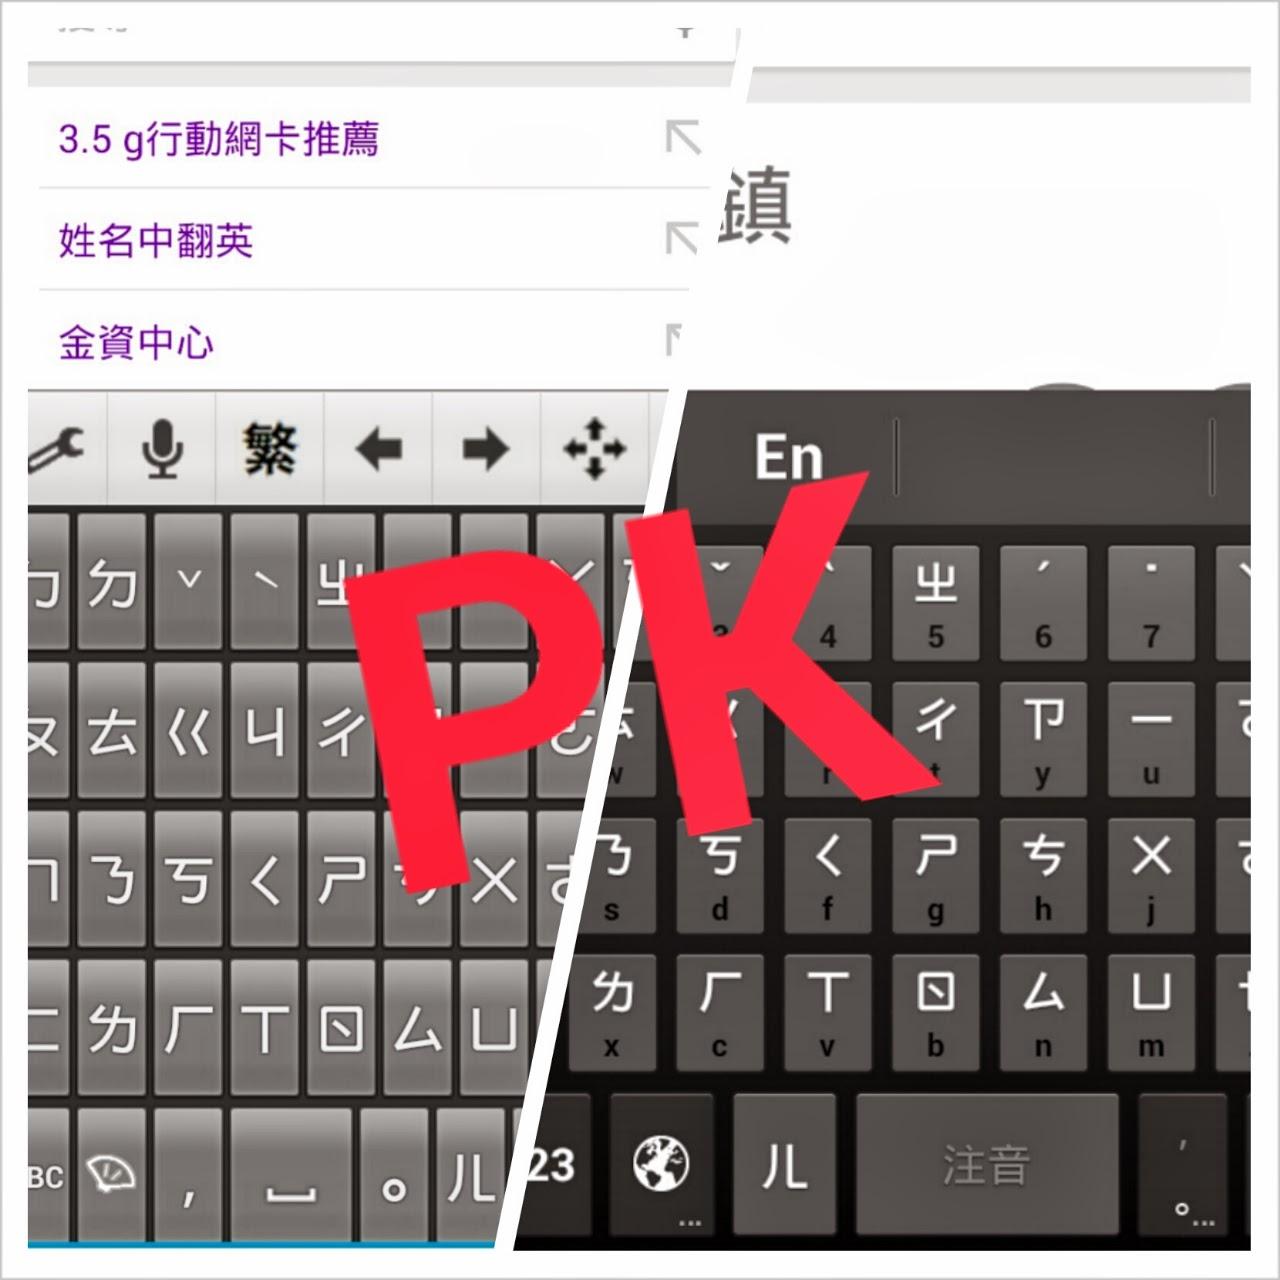 吳國裕的網路生活: 【app 速評】【不負責評論】Google 注音輸入法 PK 超注音